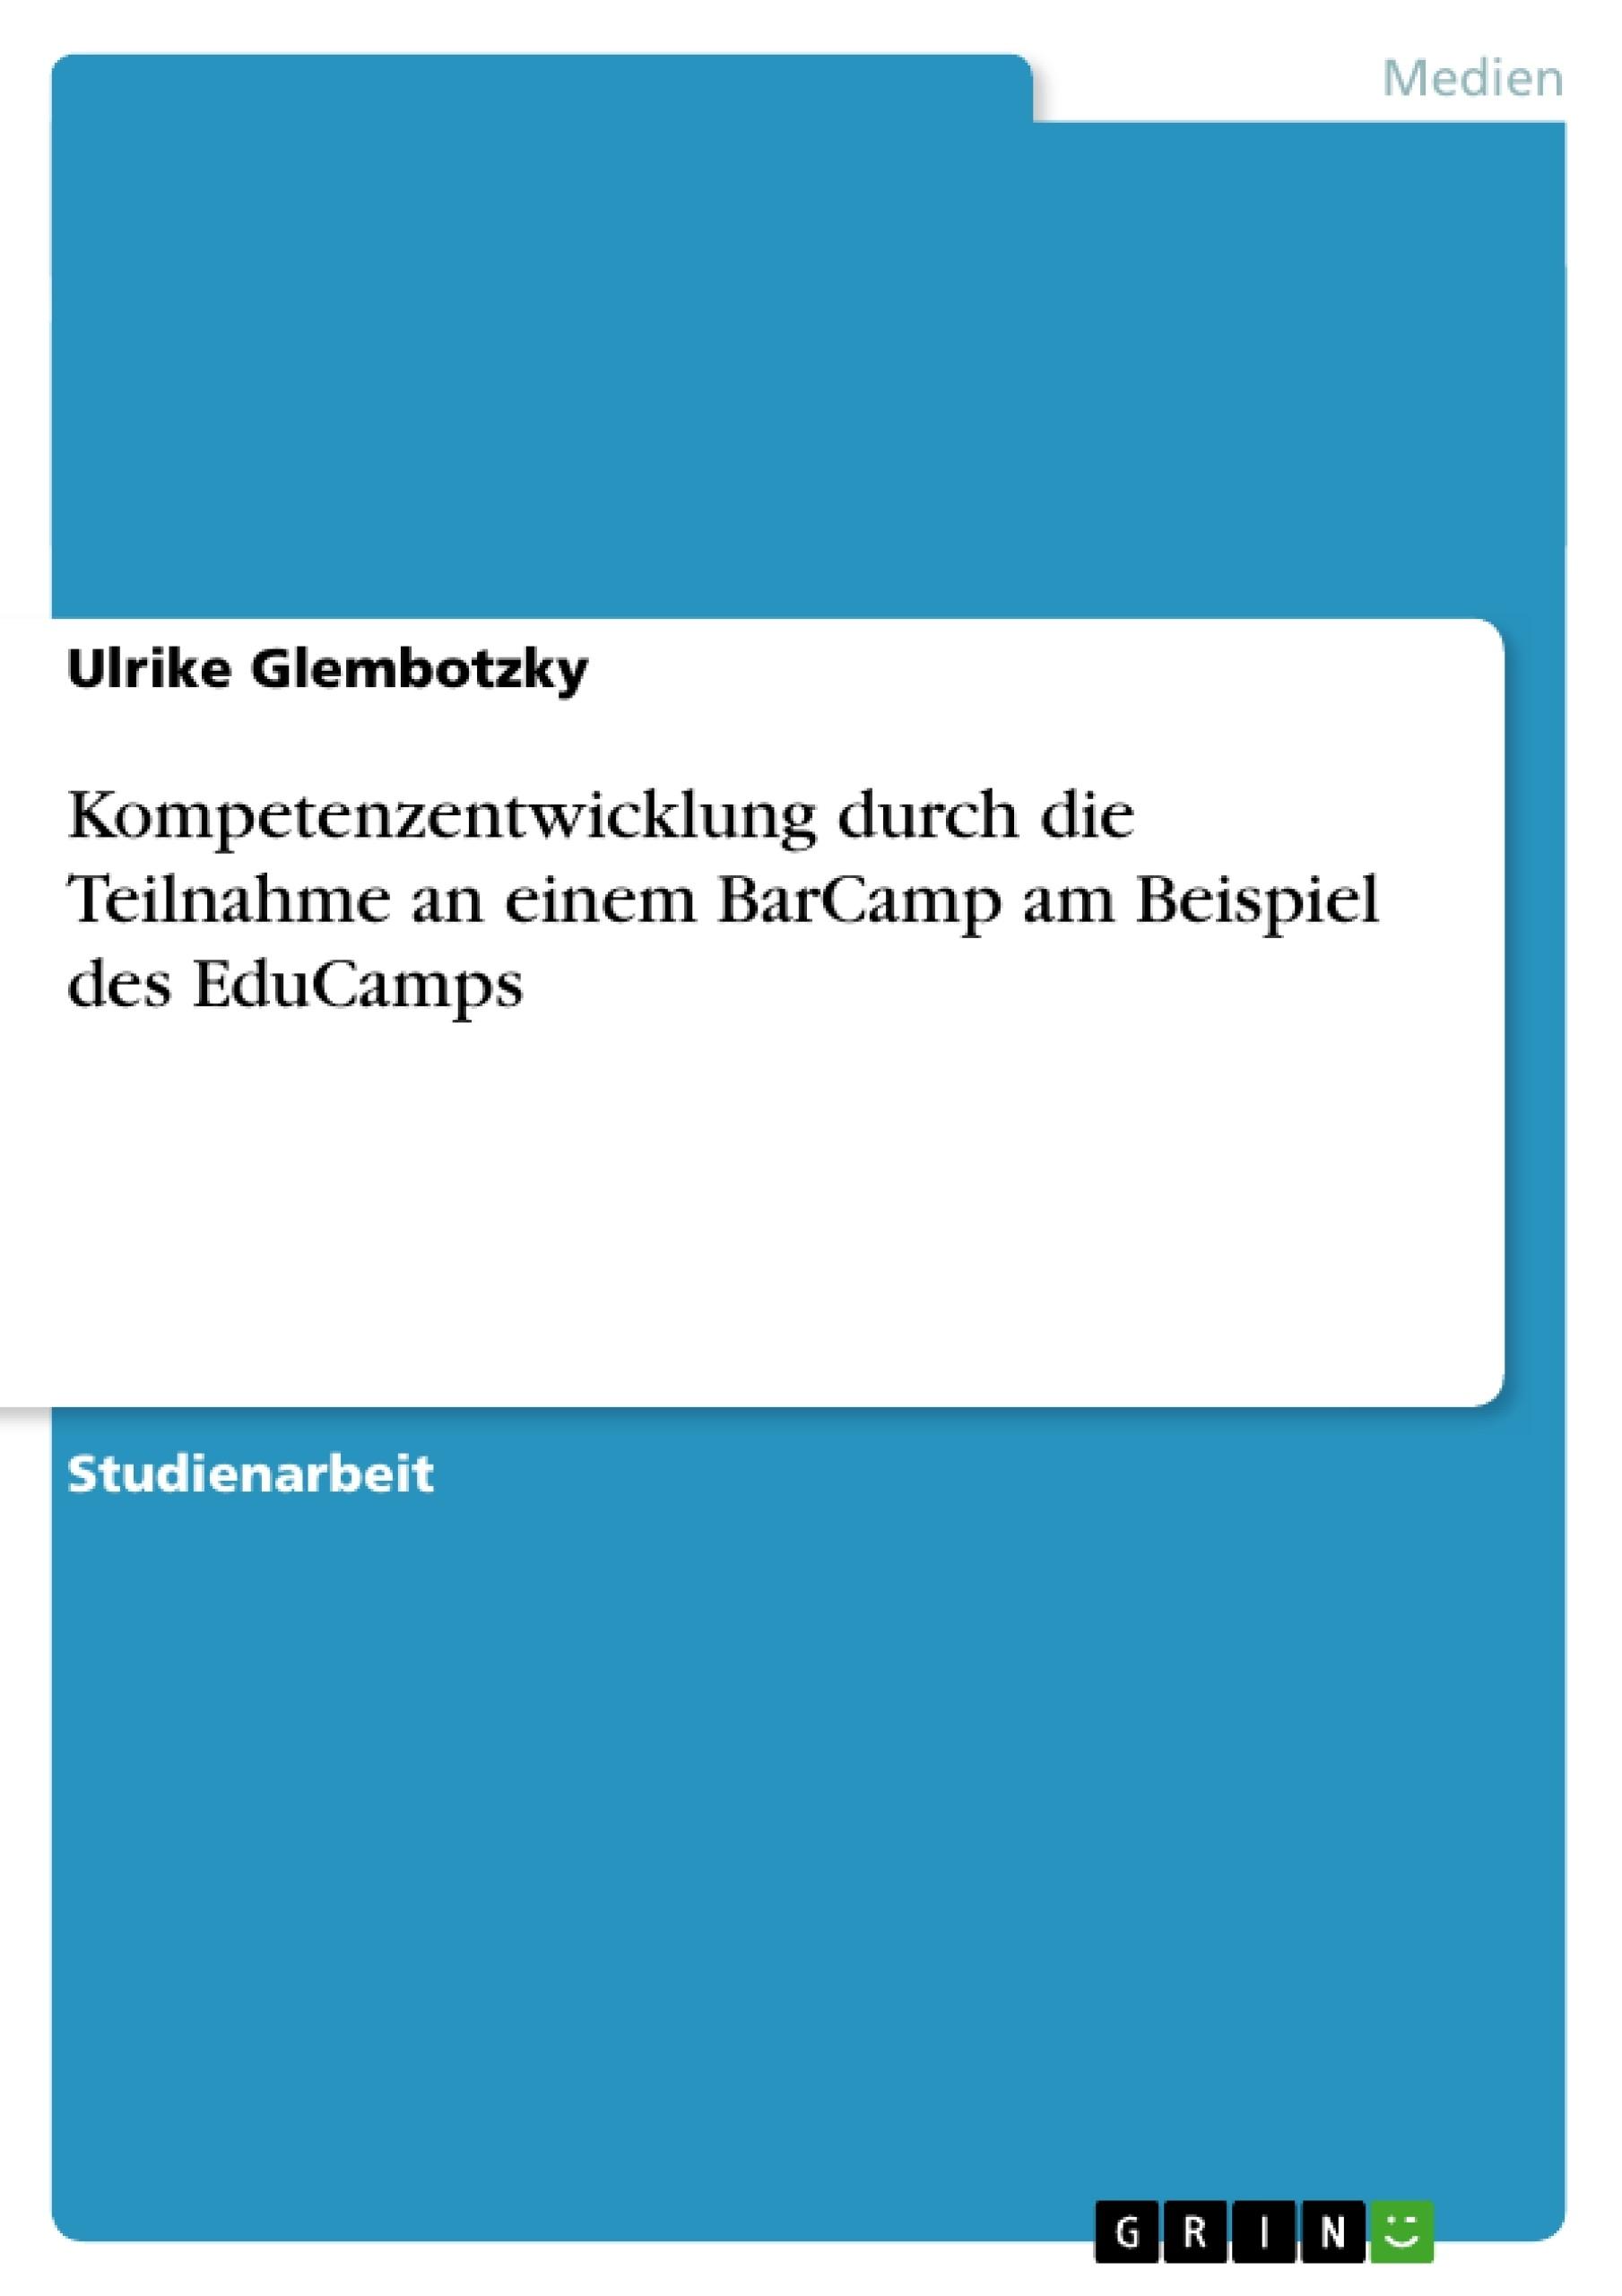 Titel: Kompetenzentwicklung durch die Teilnahme an einem BarCamp am Beispiel des EduCamps